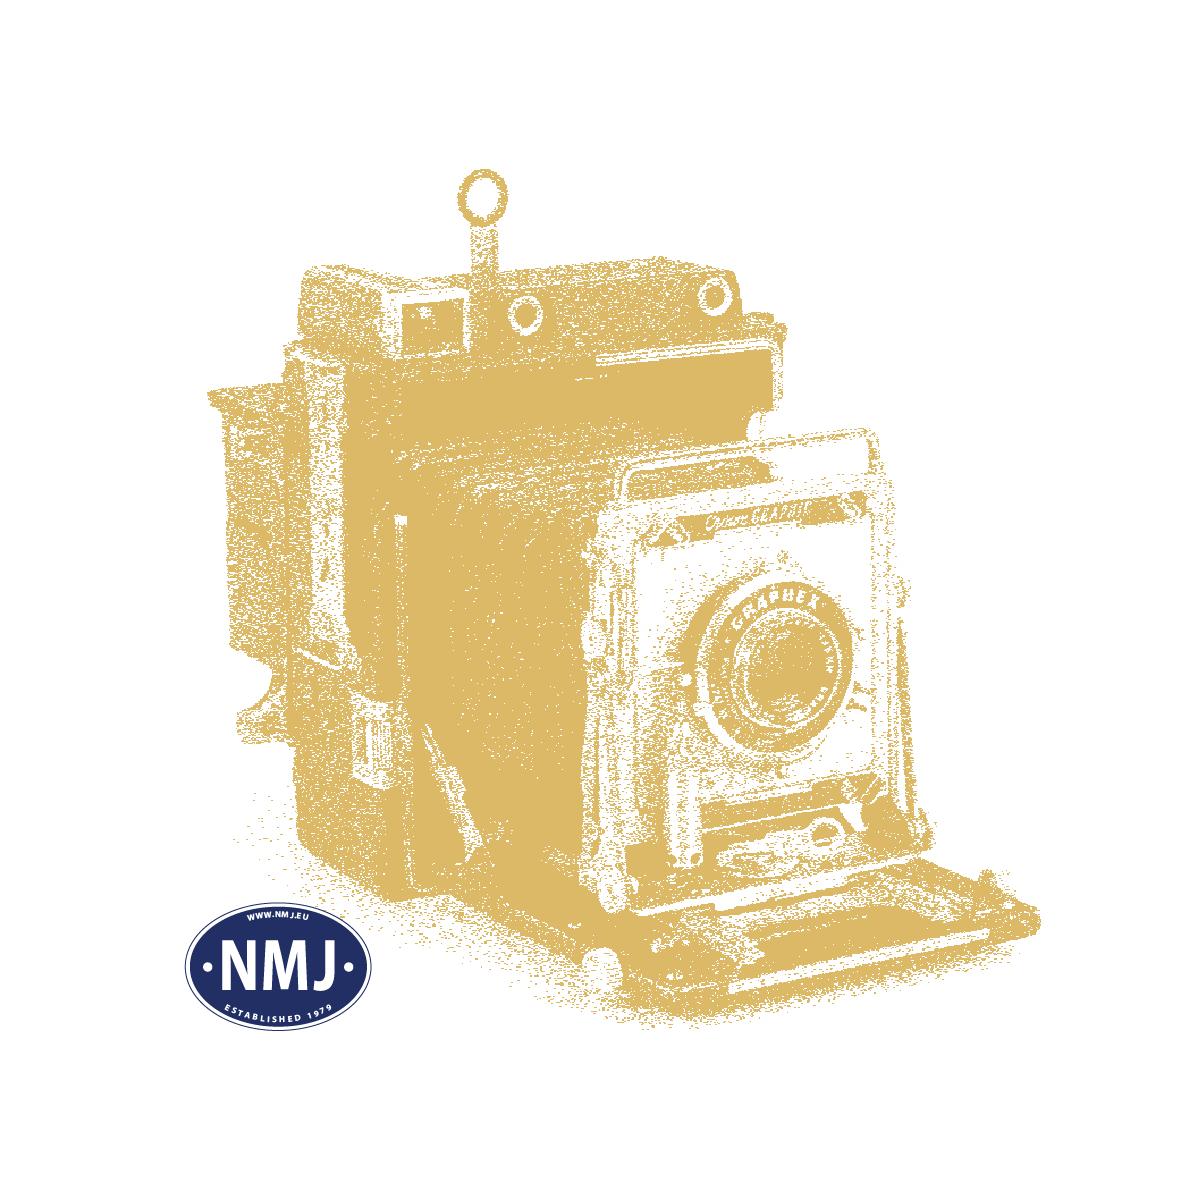 NMJS64.06 - NMJ Superline Modell des Elektrotriebwagens NSB BM64.06, modernisierte Version